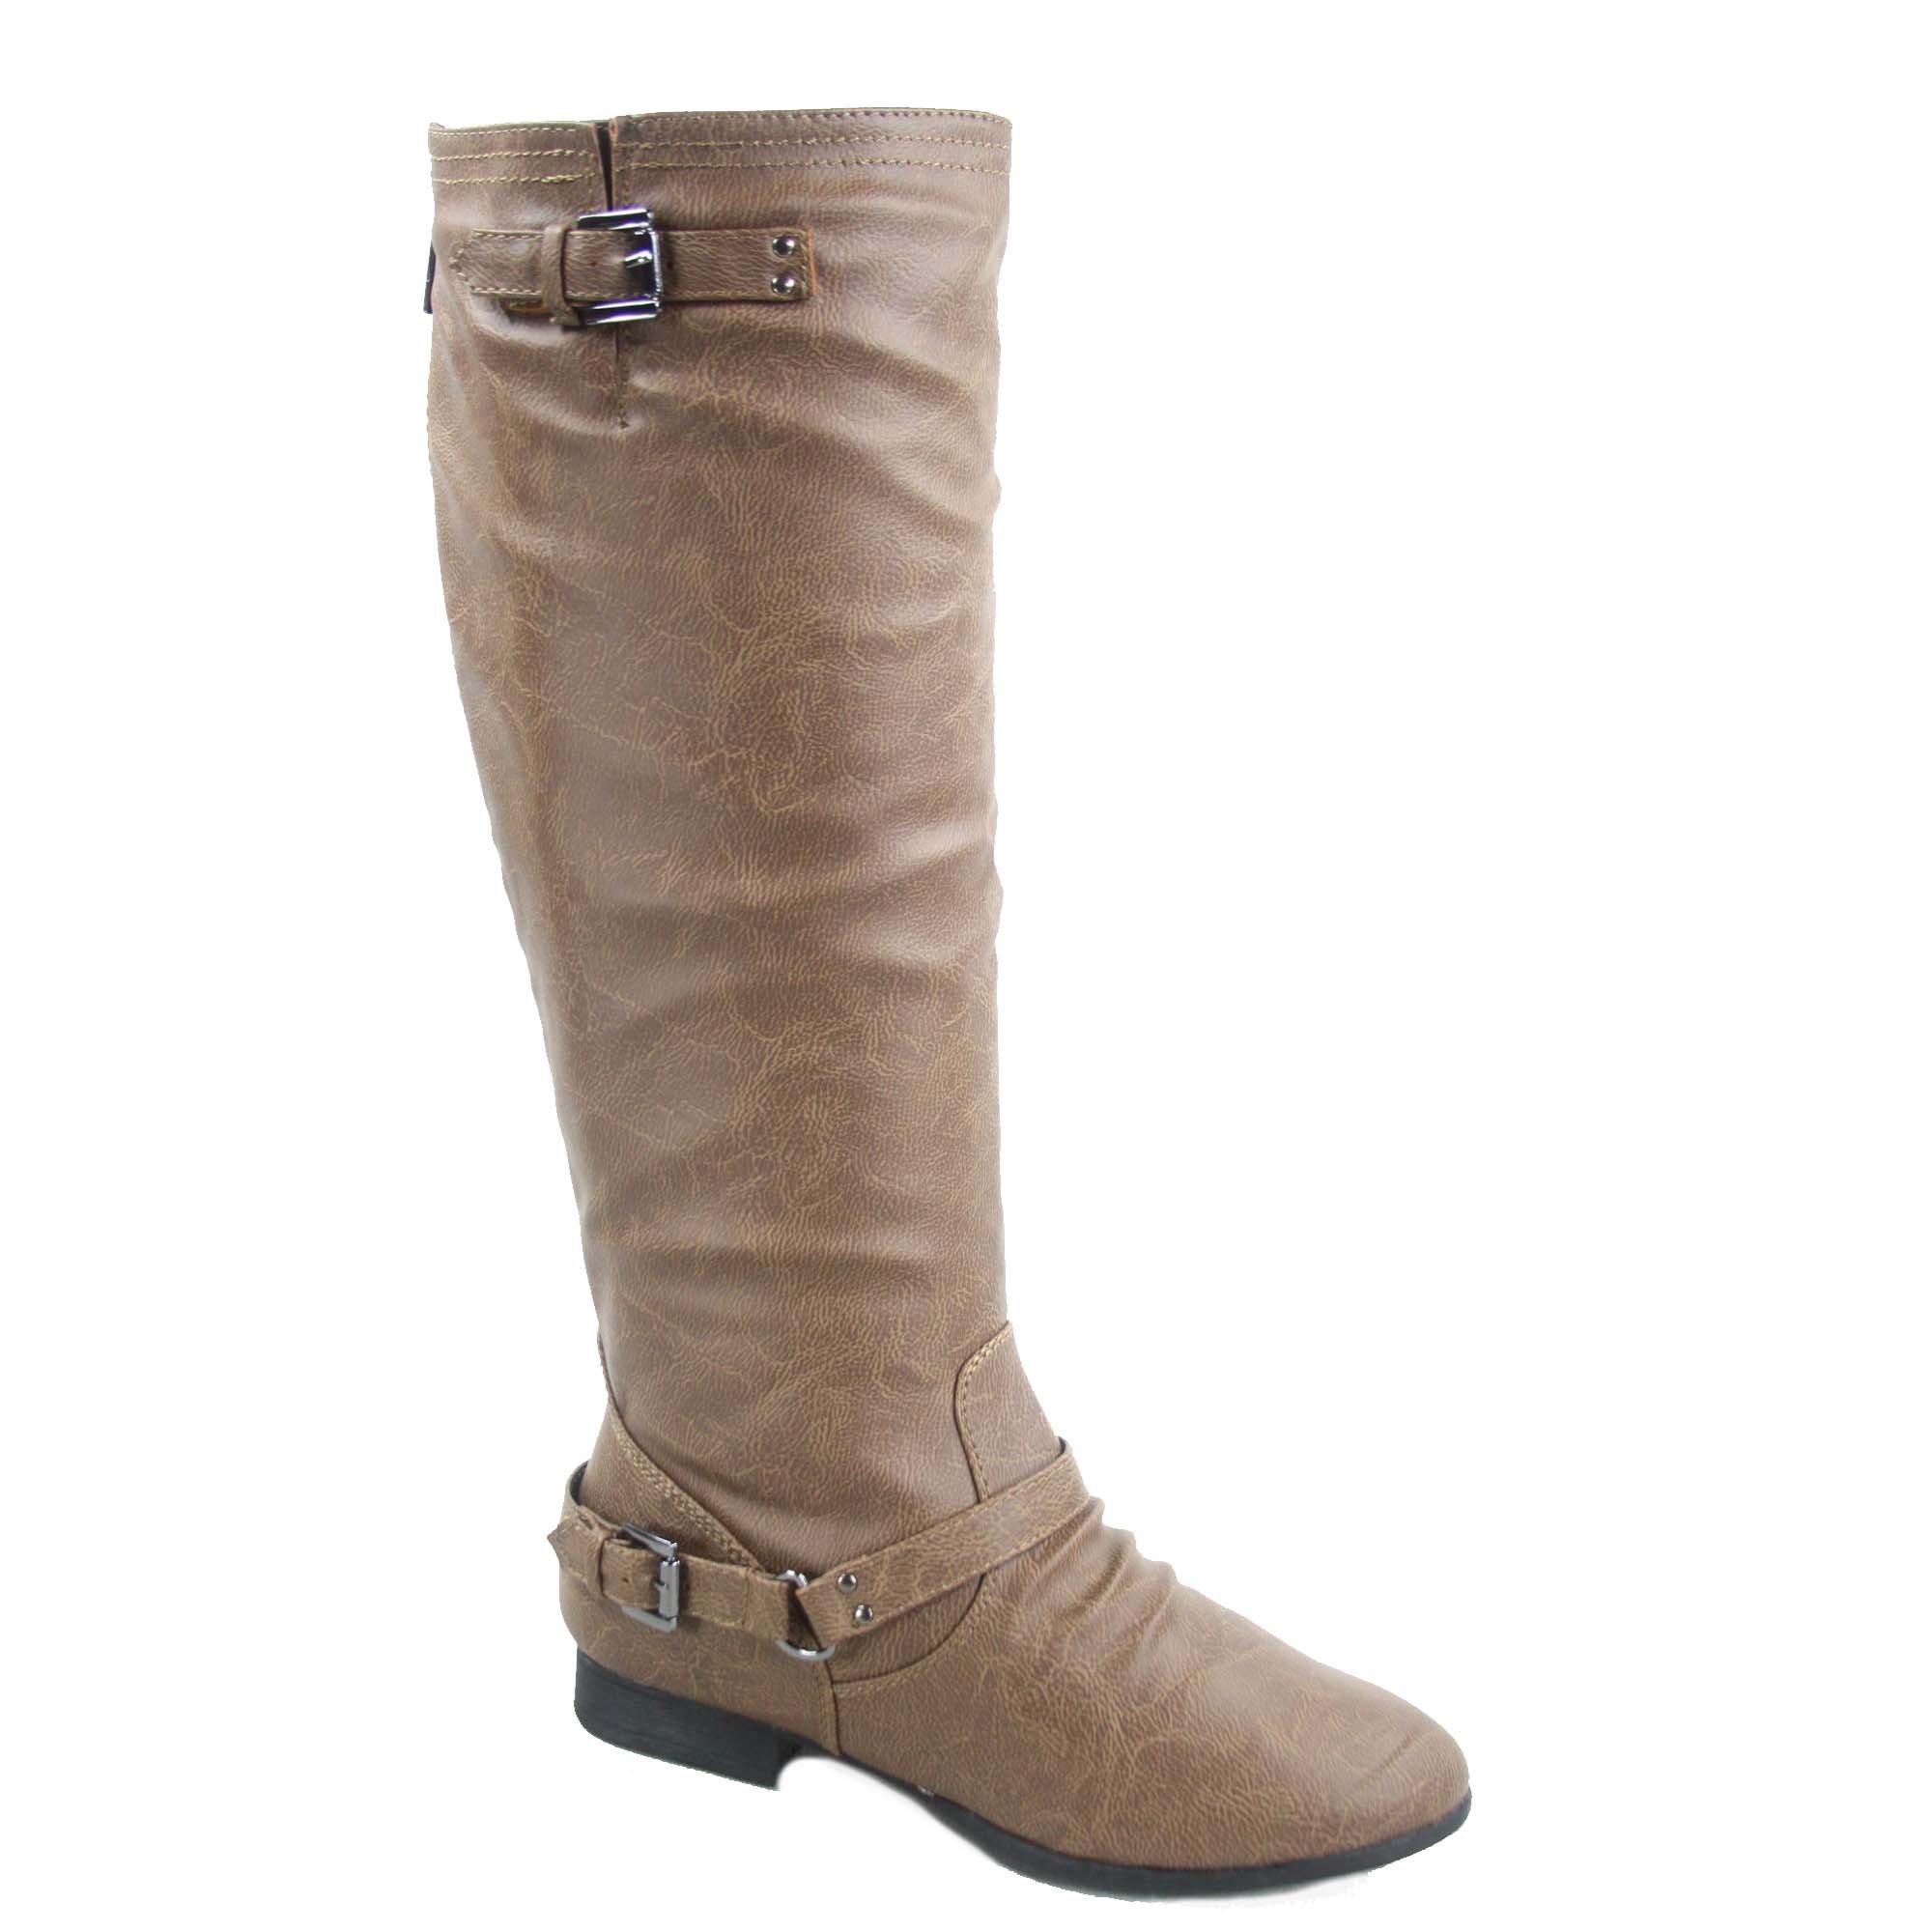 Top Moda Coco-1 Women's Fashion Military Low Heel Buckle Zipper Riding Knee High Boot Shoes (7, Conac)